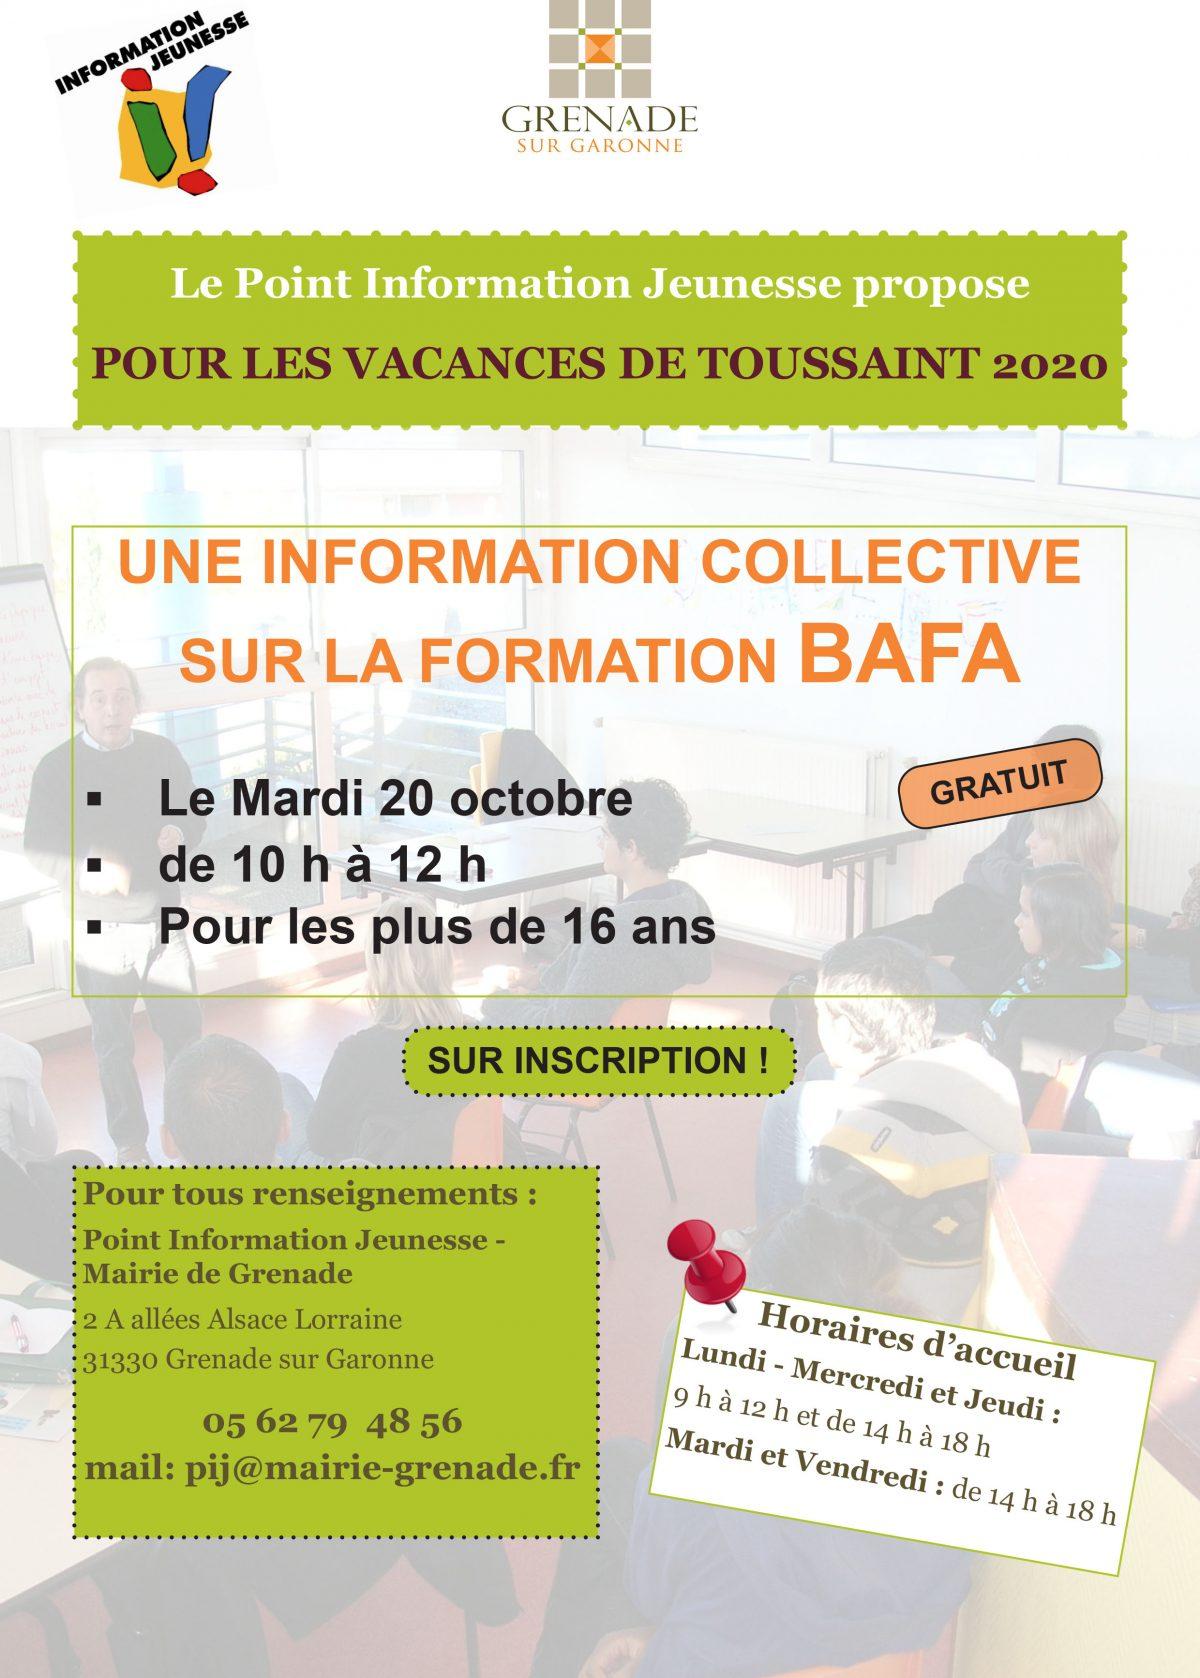 INFORMATION COLLECTIVE SUR LA FORMATION BAFA